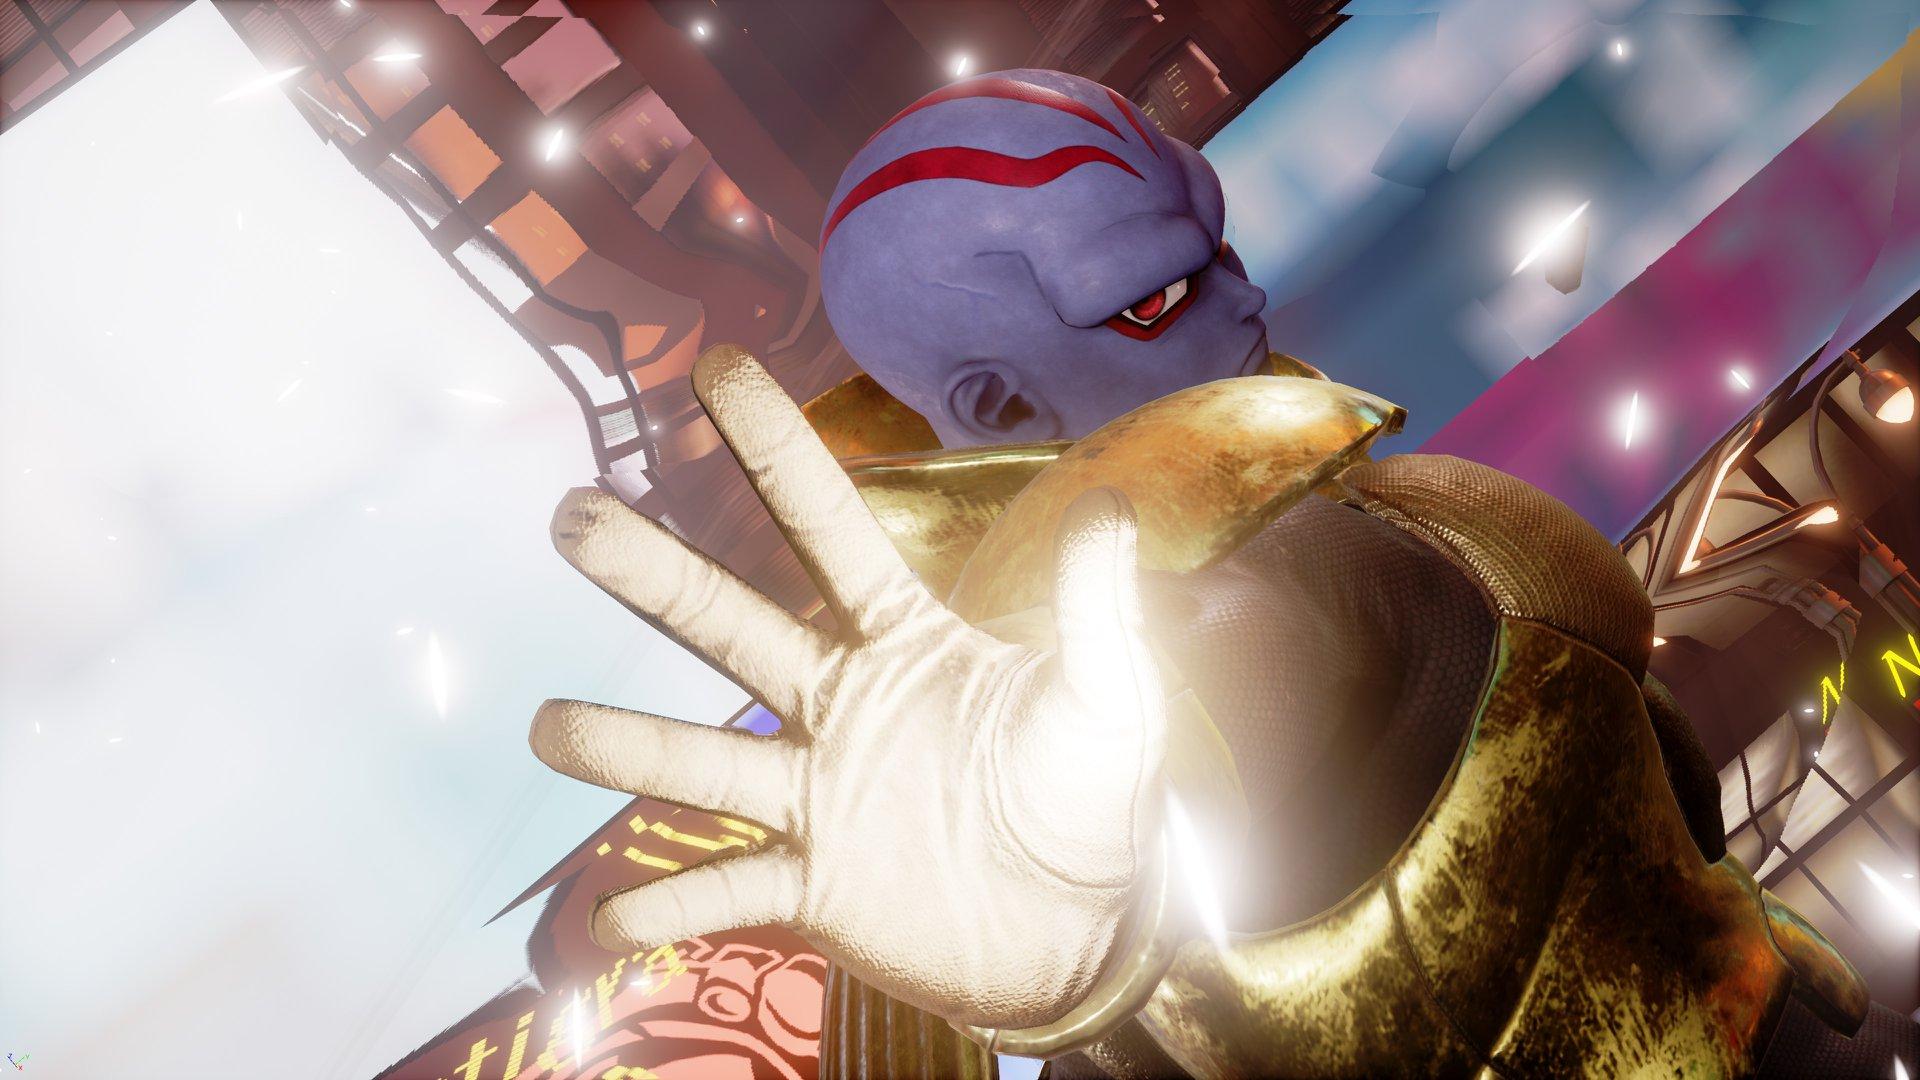 《Jump大乱斗》截图:鸟山明设计原创反派角色基恩